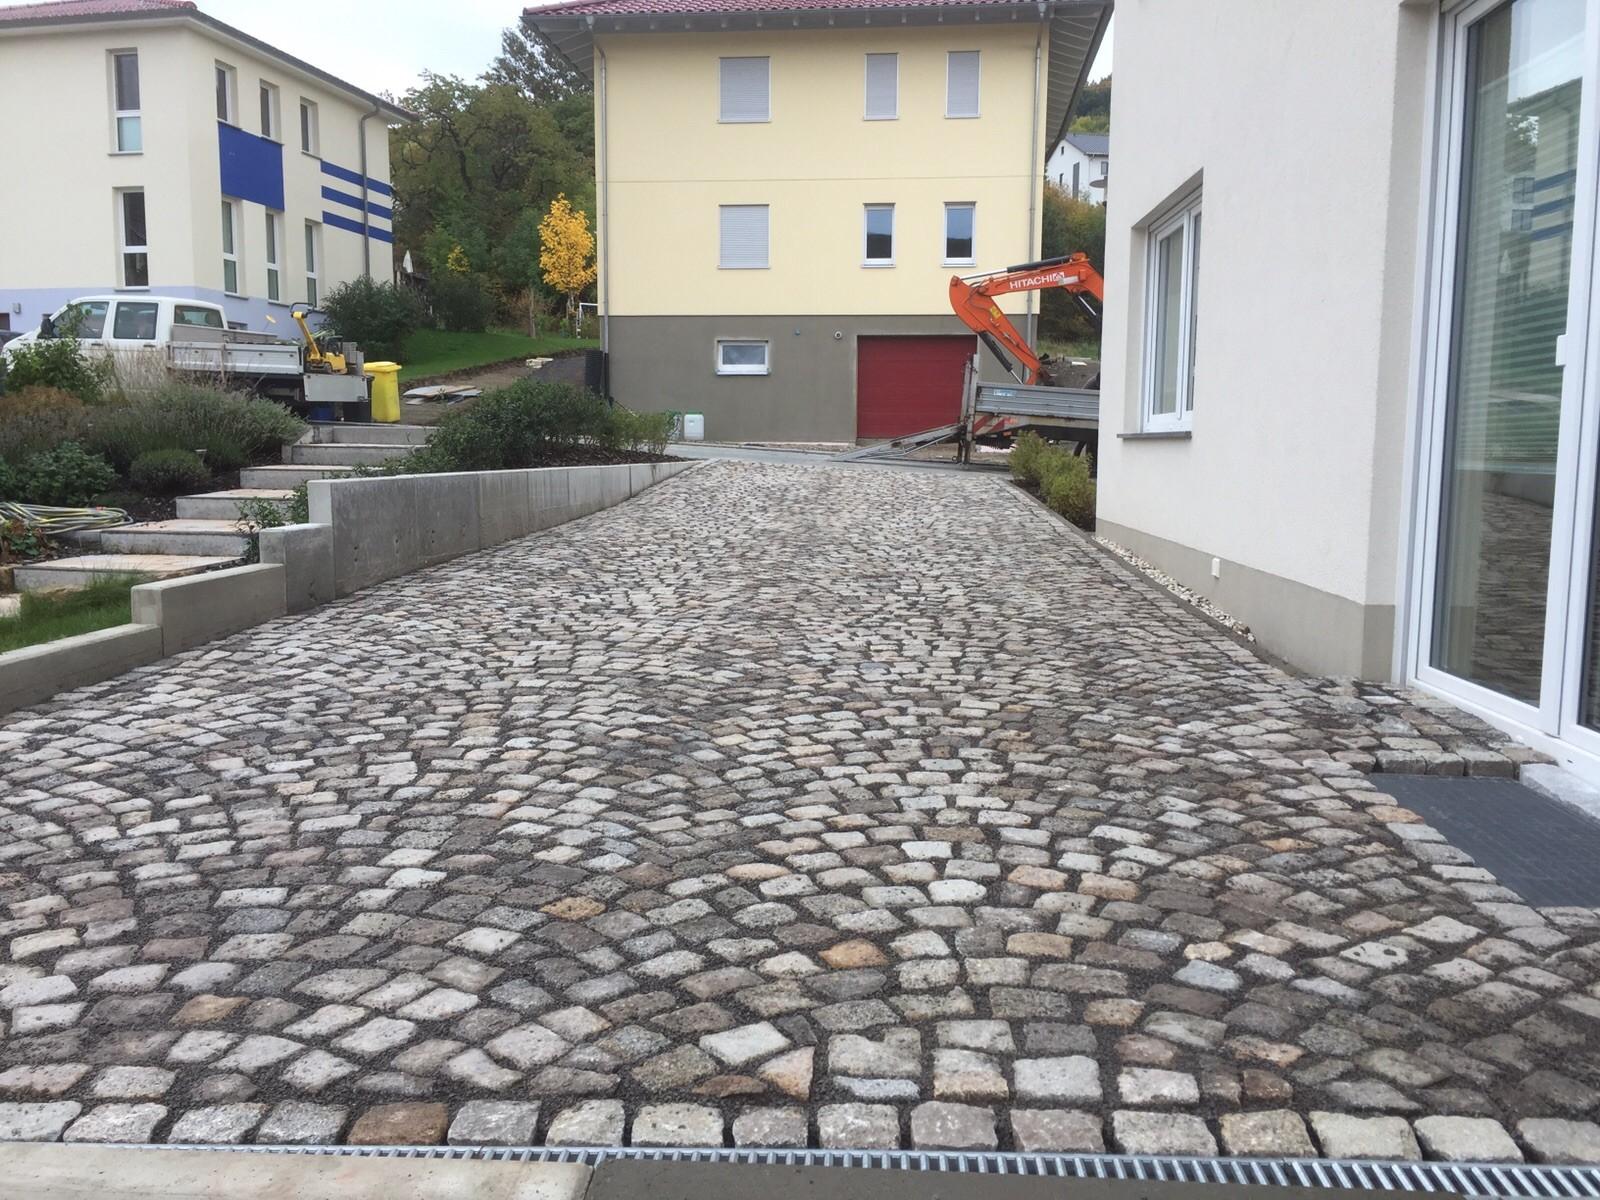 Granitpflaster in Segmentverlegung